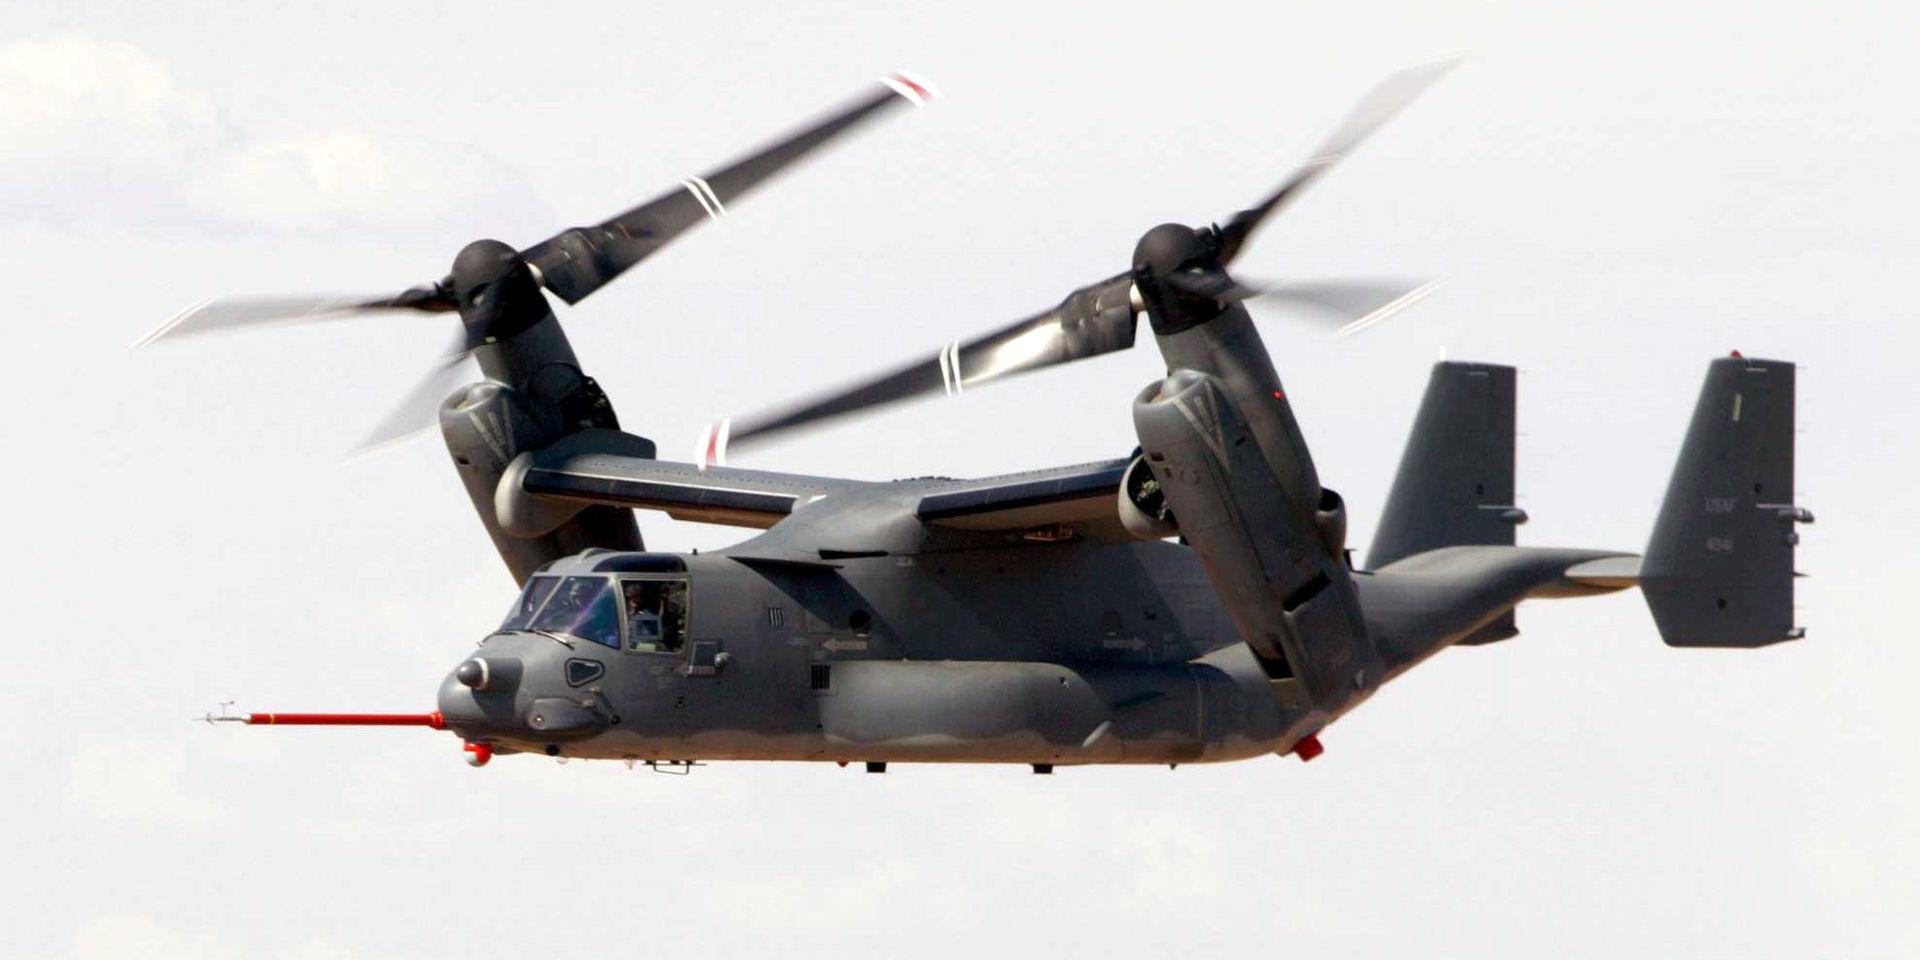 Elicottero Osprey : Bell boeing v osprey vikipedi